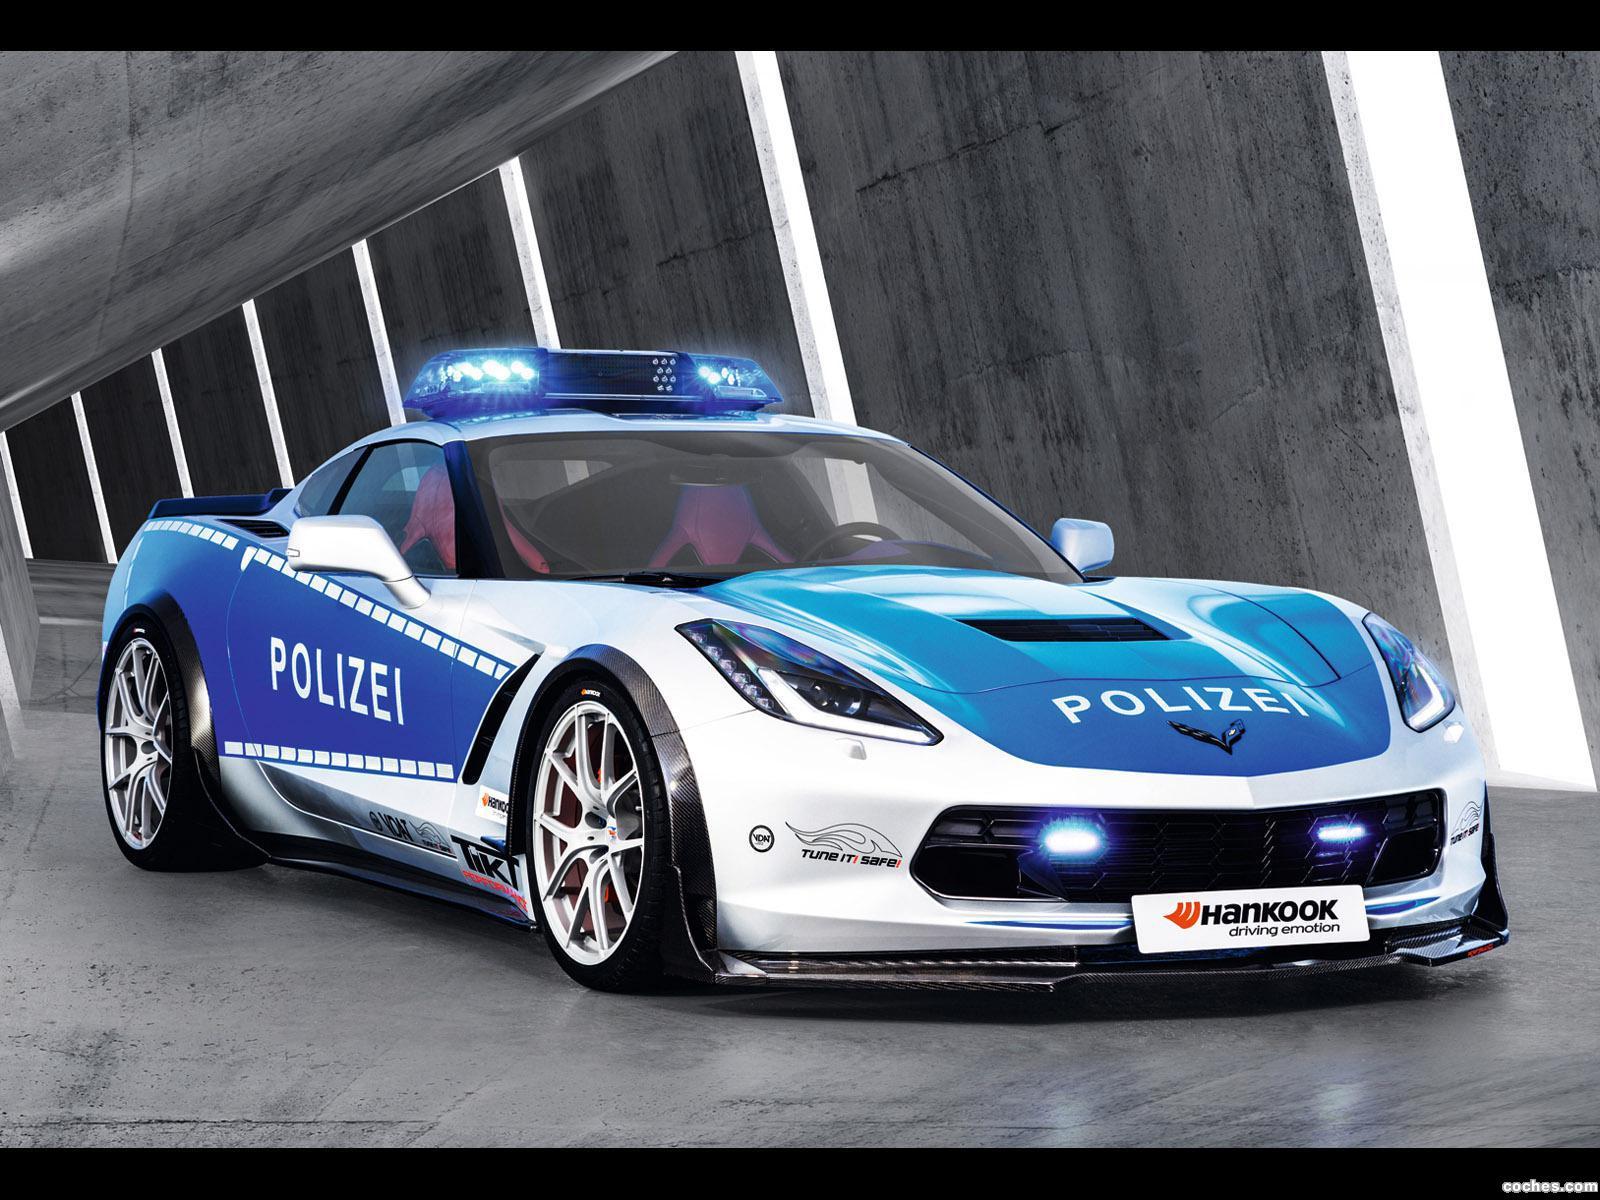 Foto 6 de Chevrolet Corvette C7 Stingray Coupe Polizei Safe Concept 2015